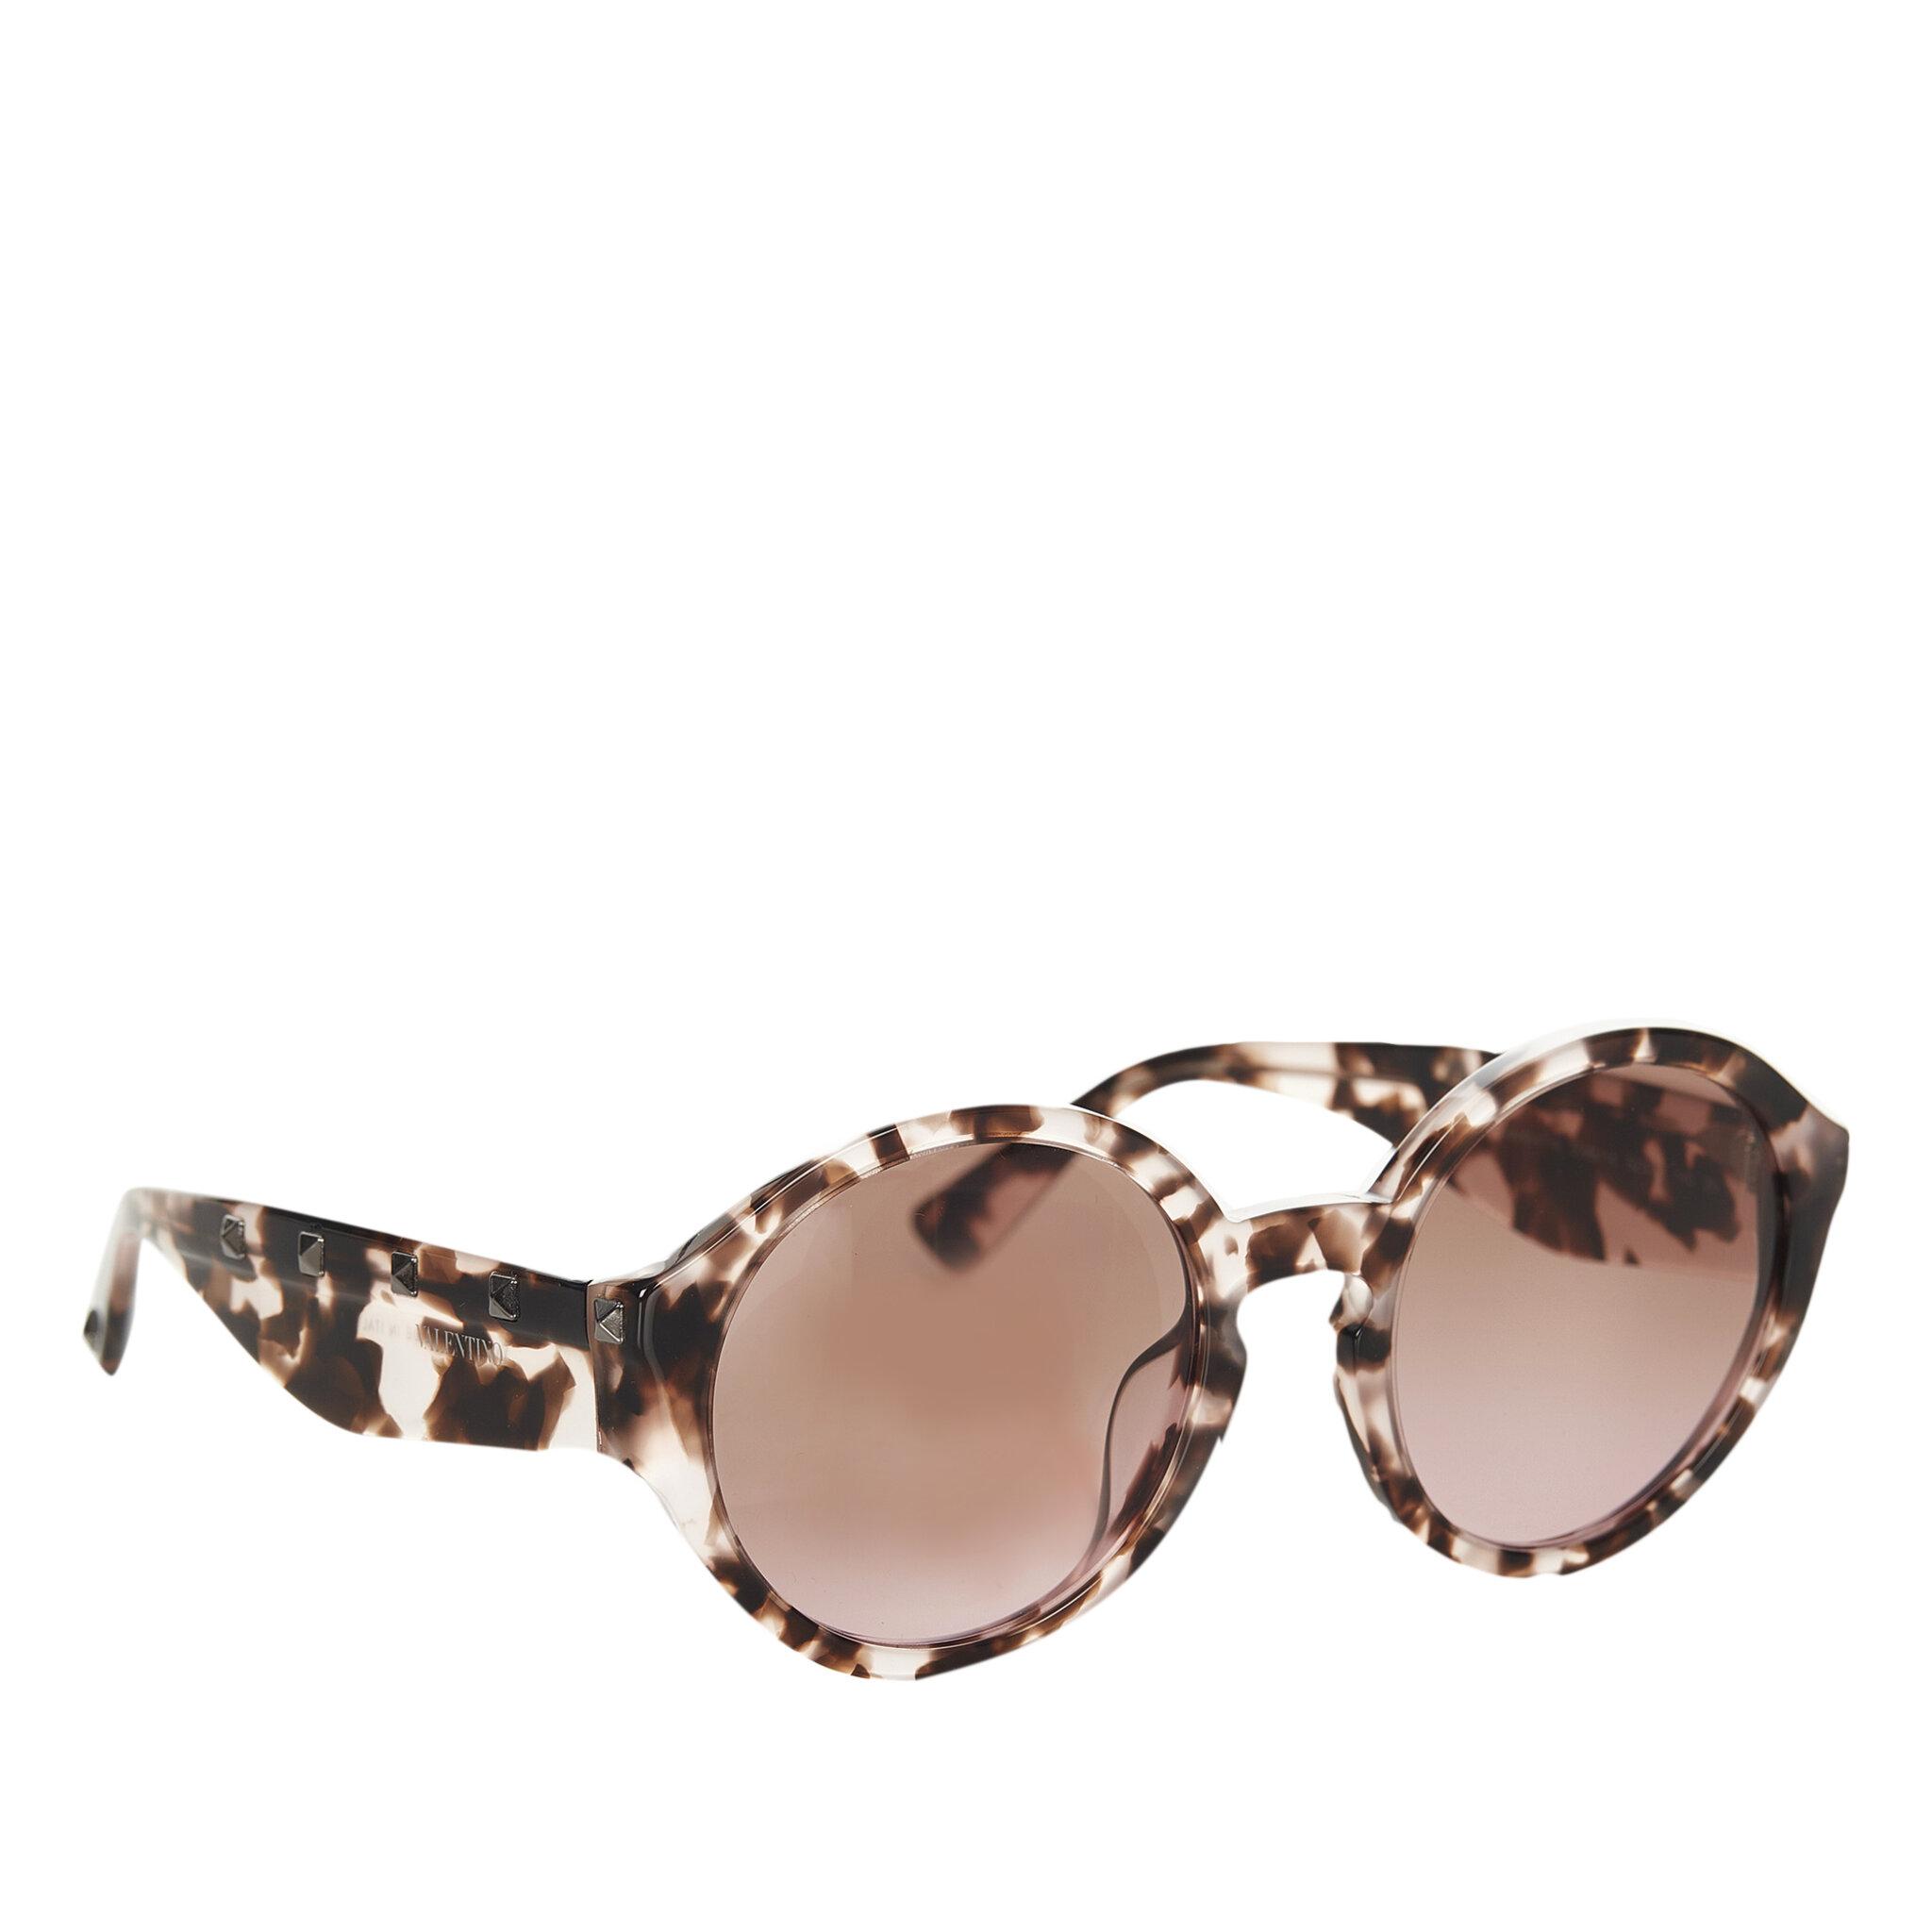 Valentino Round Tinted Sunglasses, ONESIZE